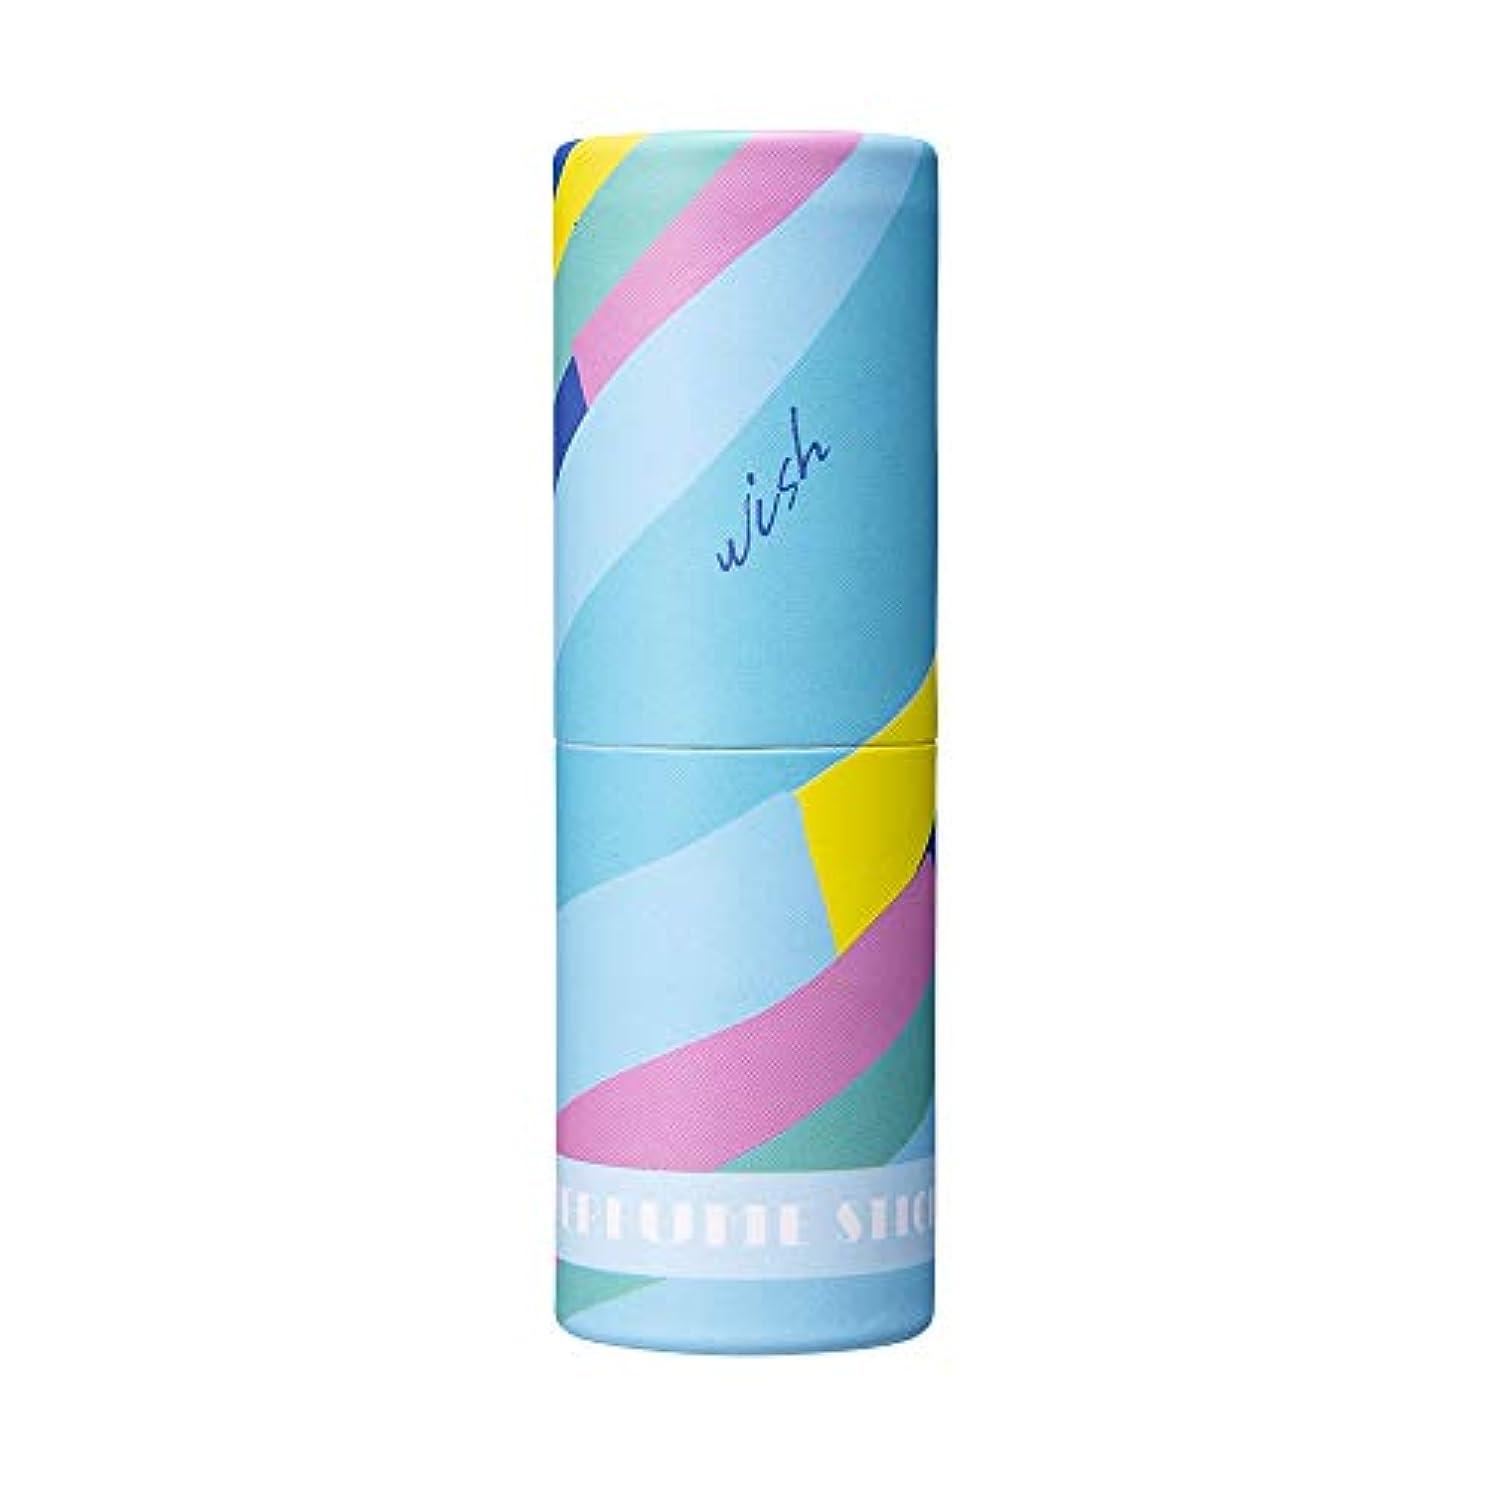 パフュームスティック ウィッシュ ホワイトフラワー&シャボンの香り オリジナルデザイン 5g